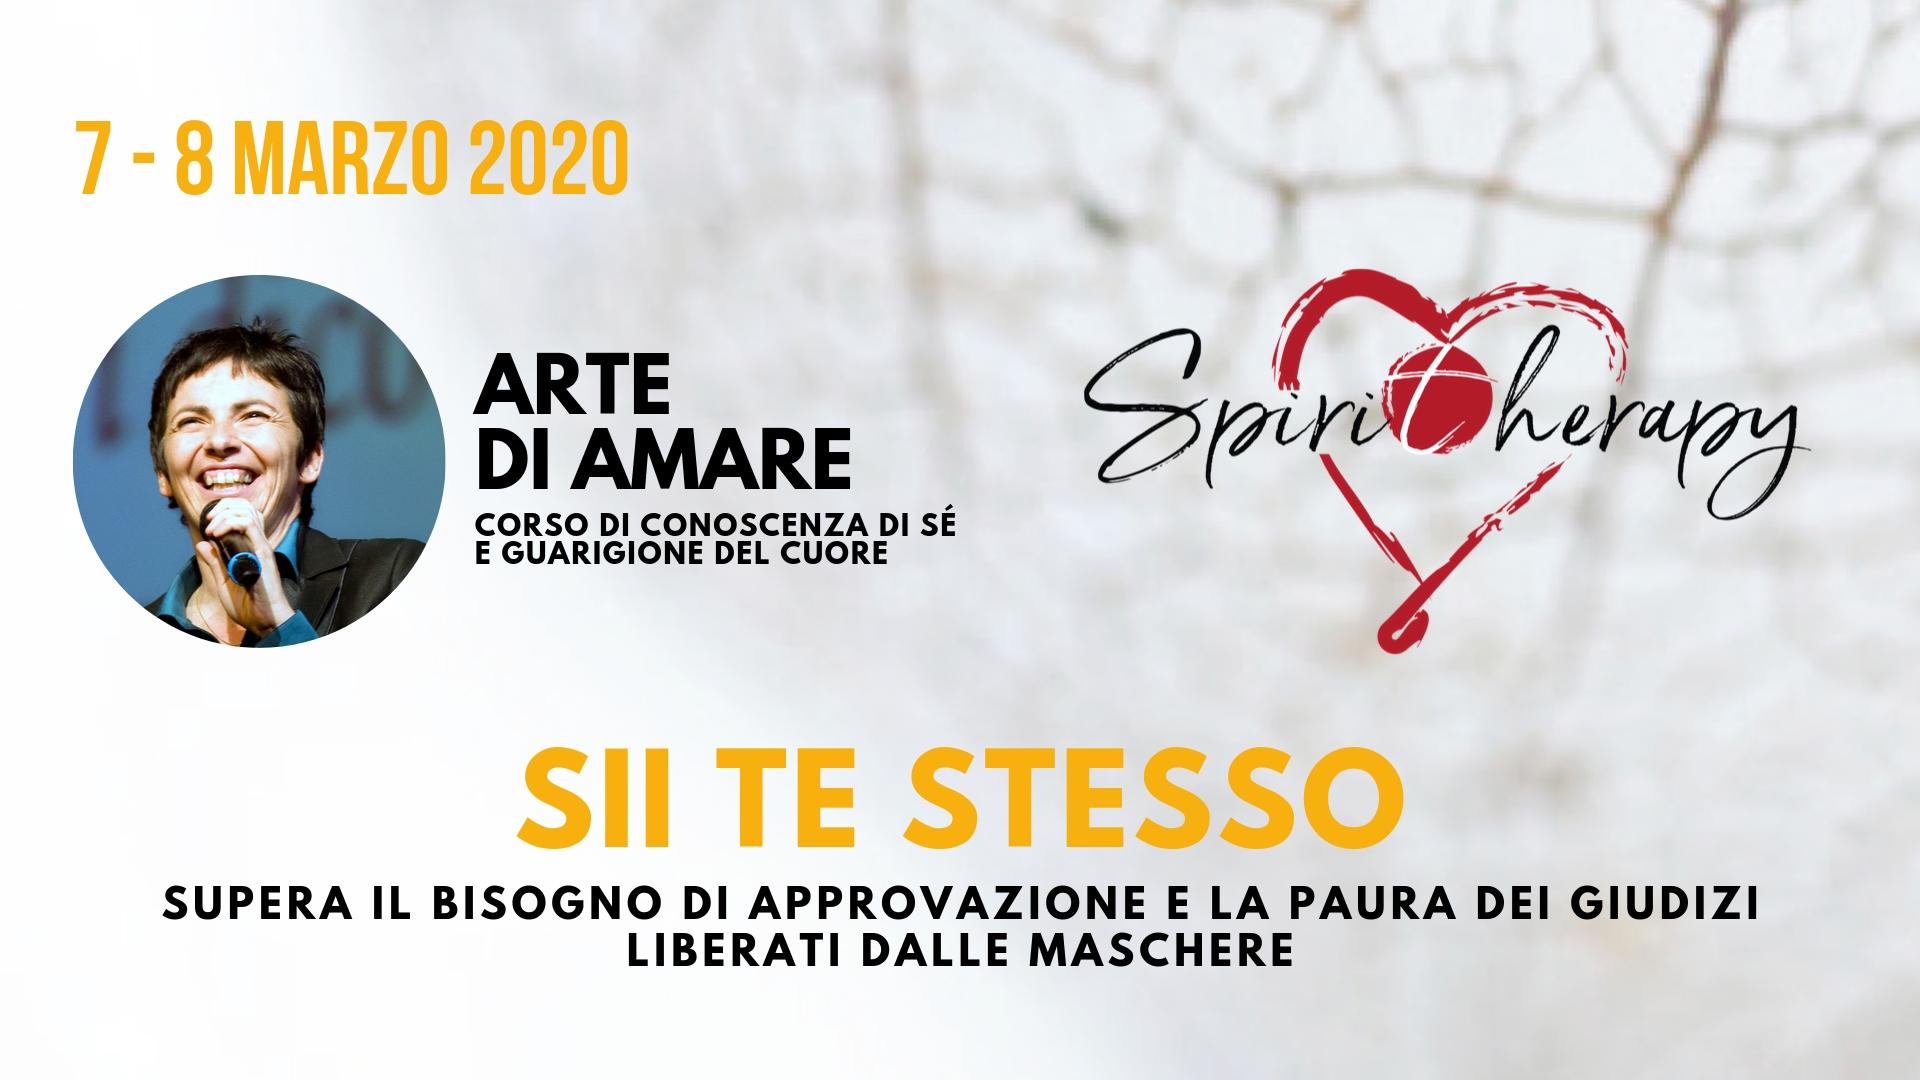 Spiritherapy: SII TE STESSO - Nuovi Orizzonti